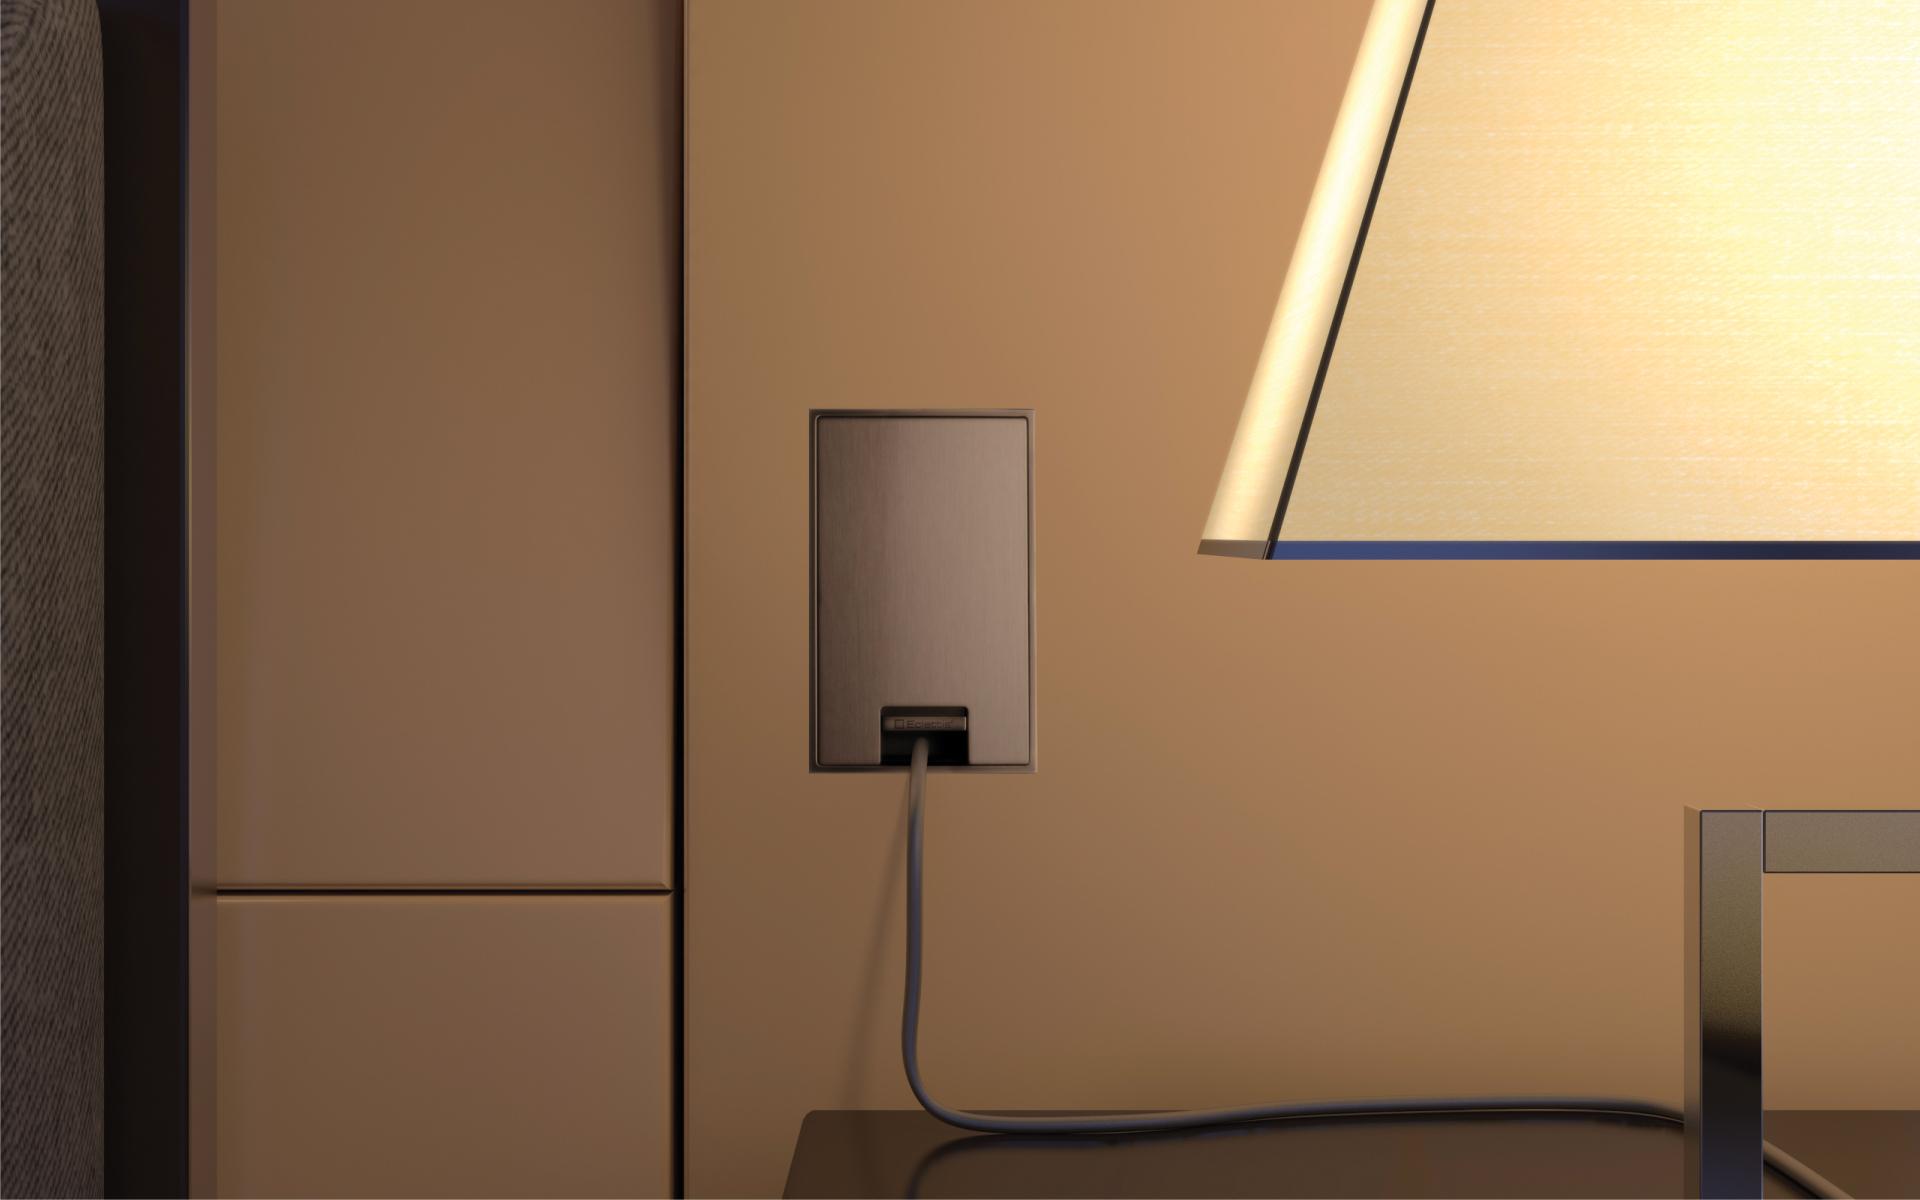 Smoothline-Presa-elettrica-con-portello-filo-muro-acciaio-inox